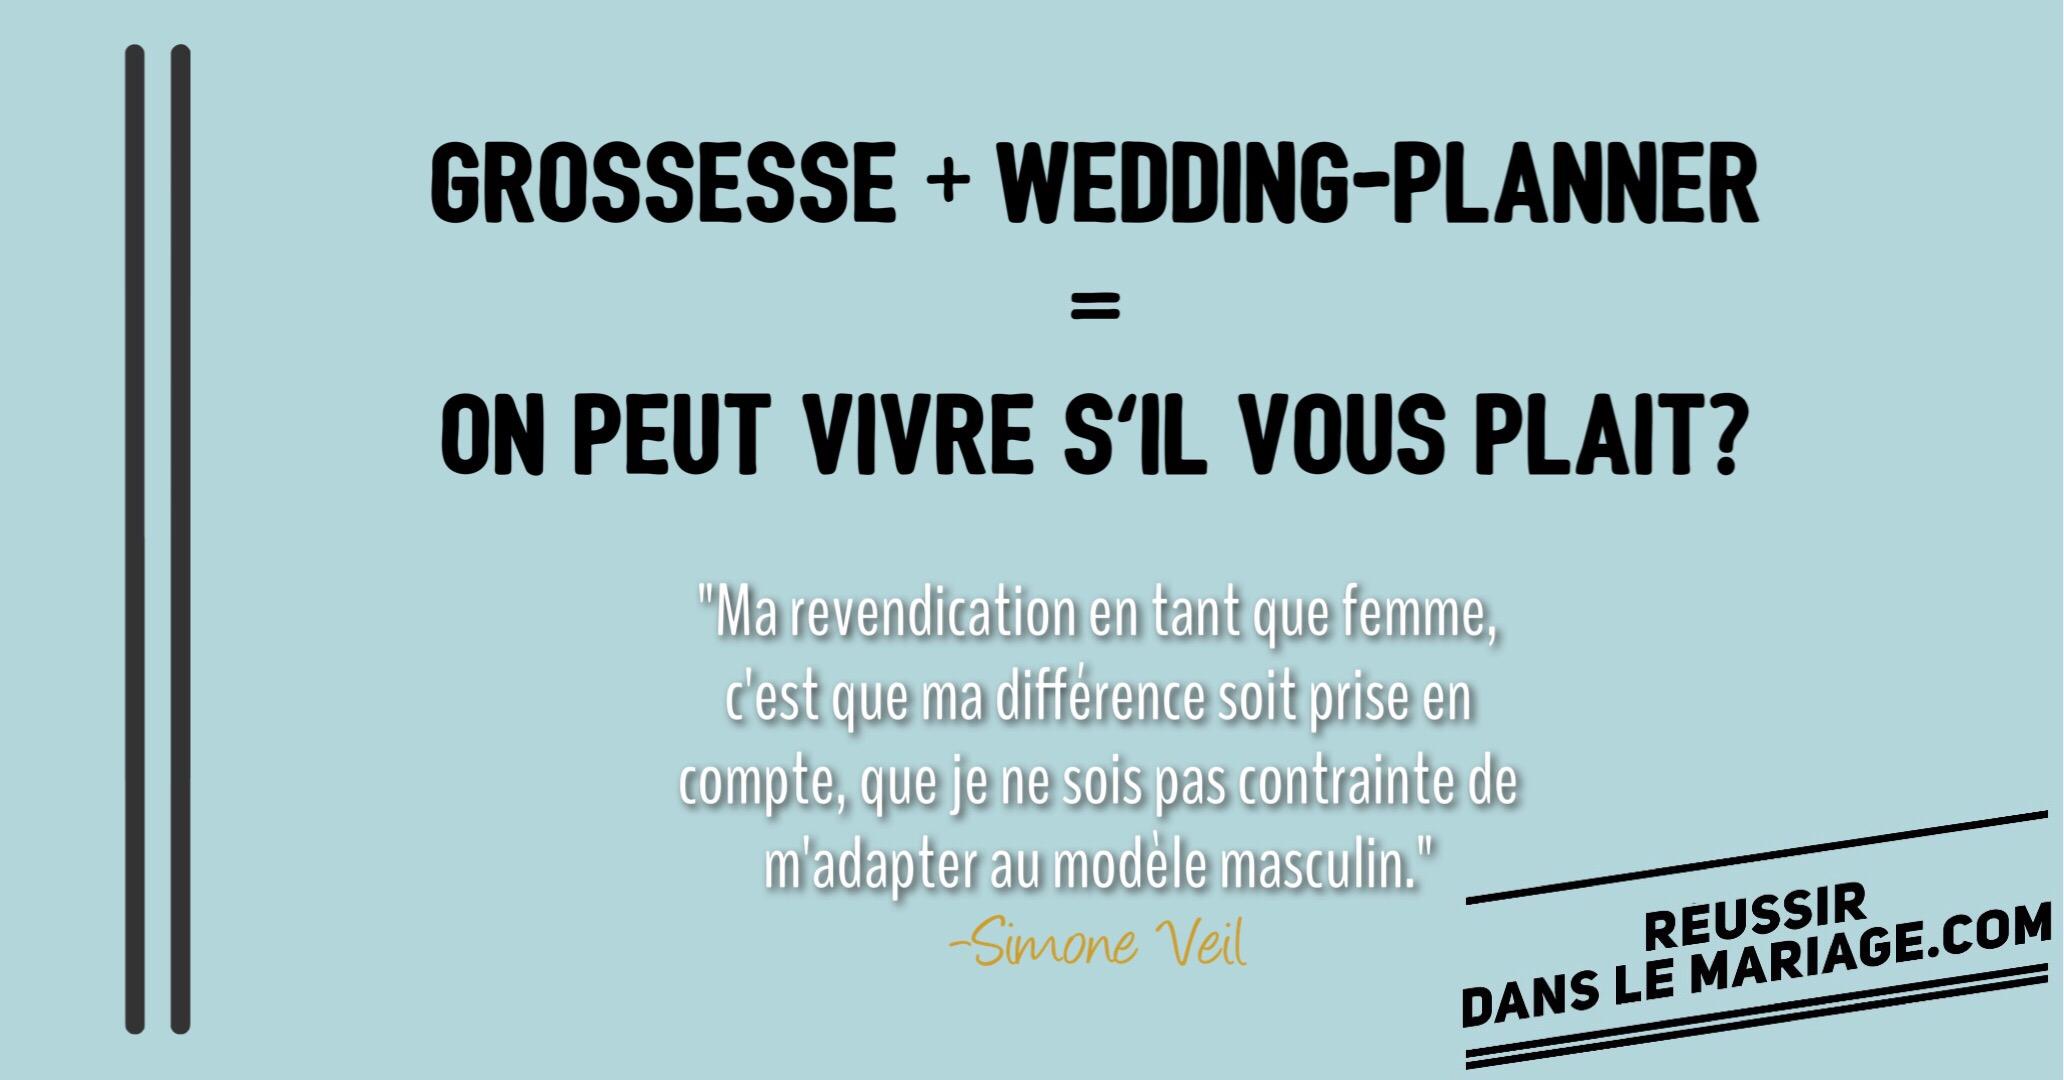 grossesse-et-wedding-planner